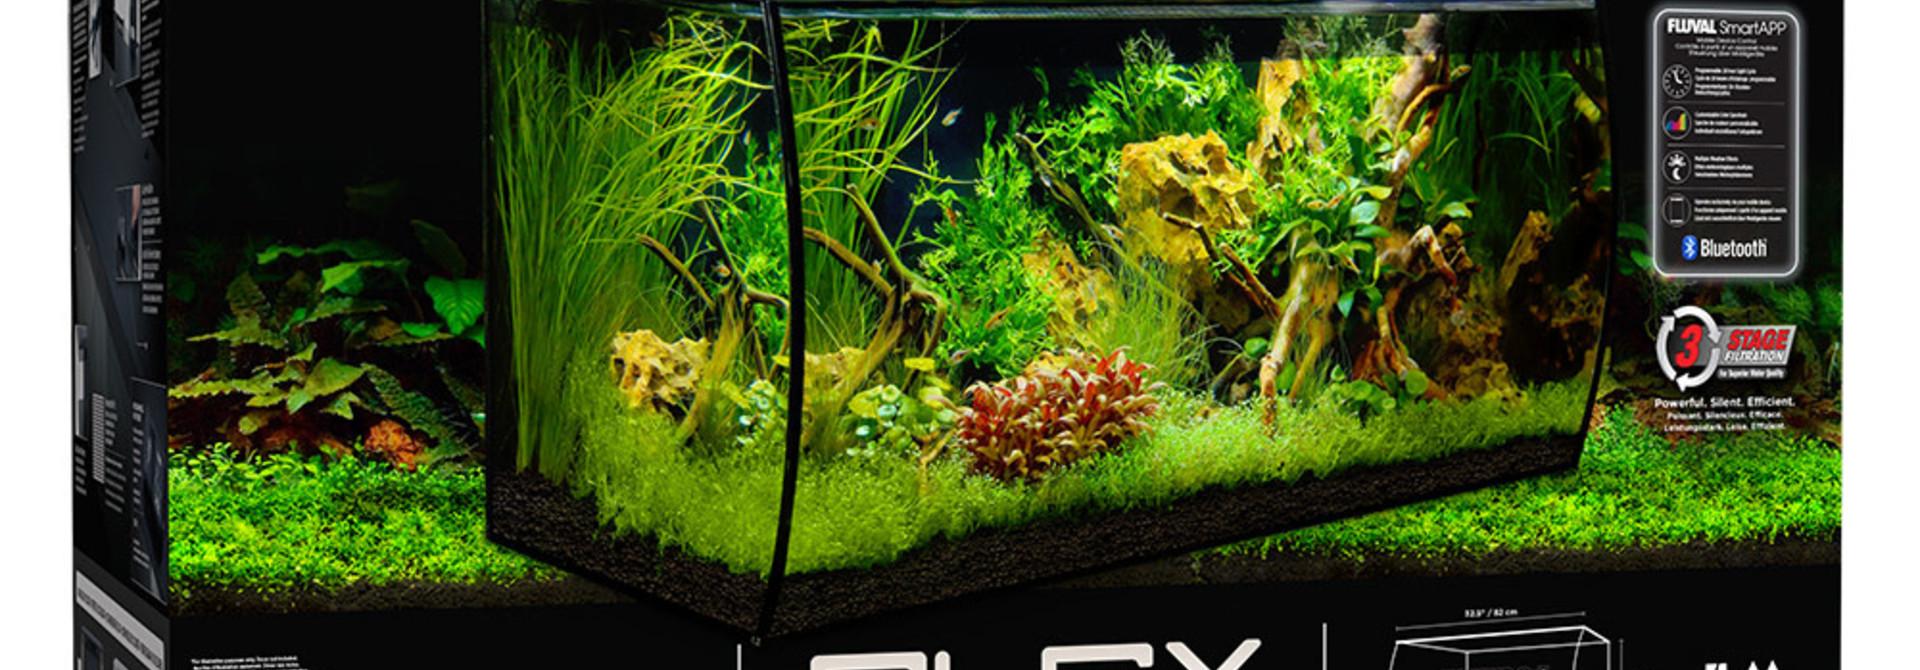 FLEX Aquarium Kit - Black - 123 L (32.5 US Gal)